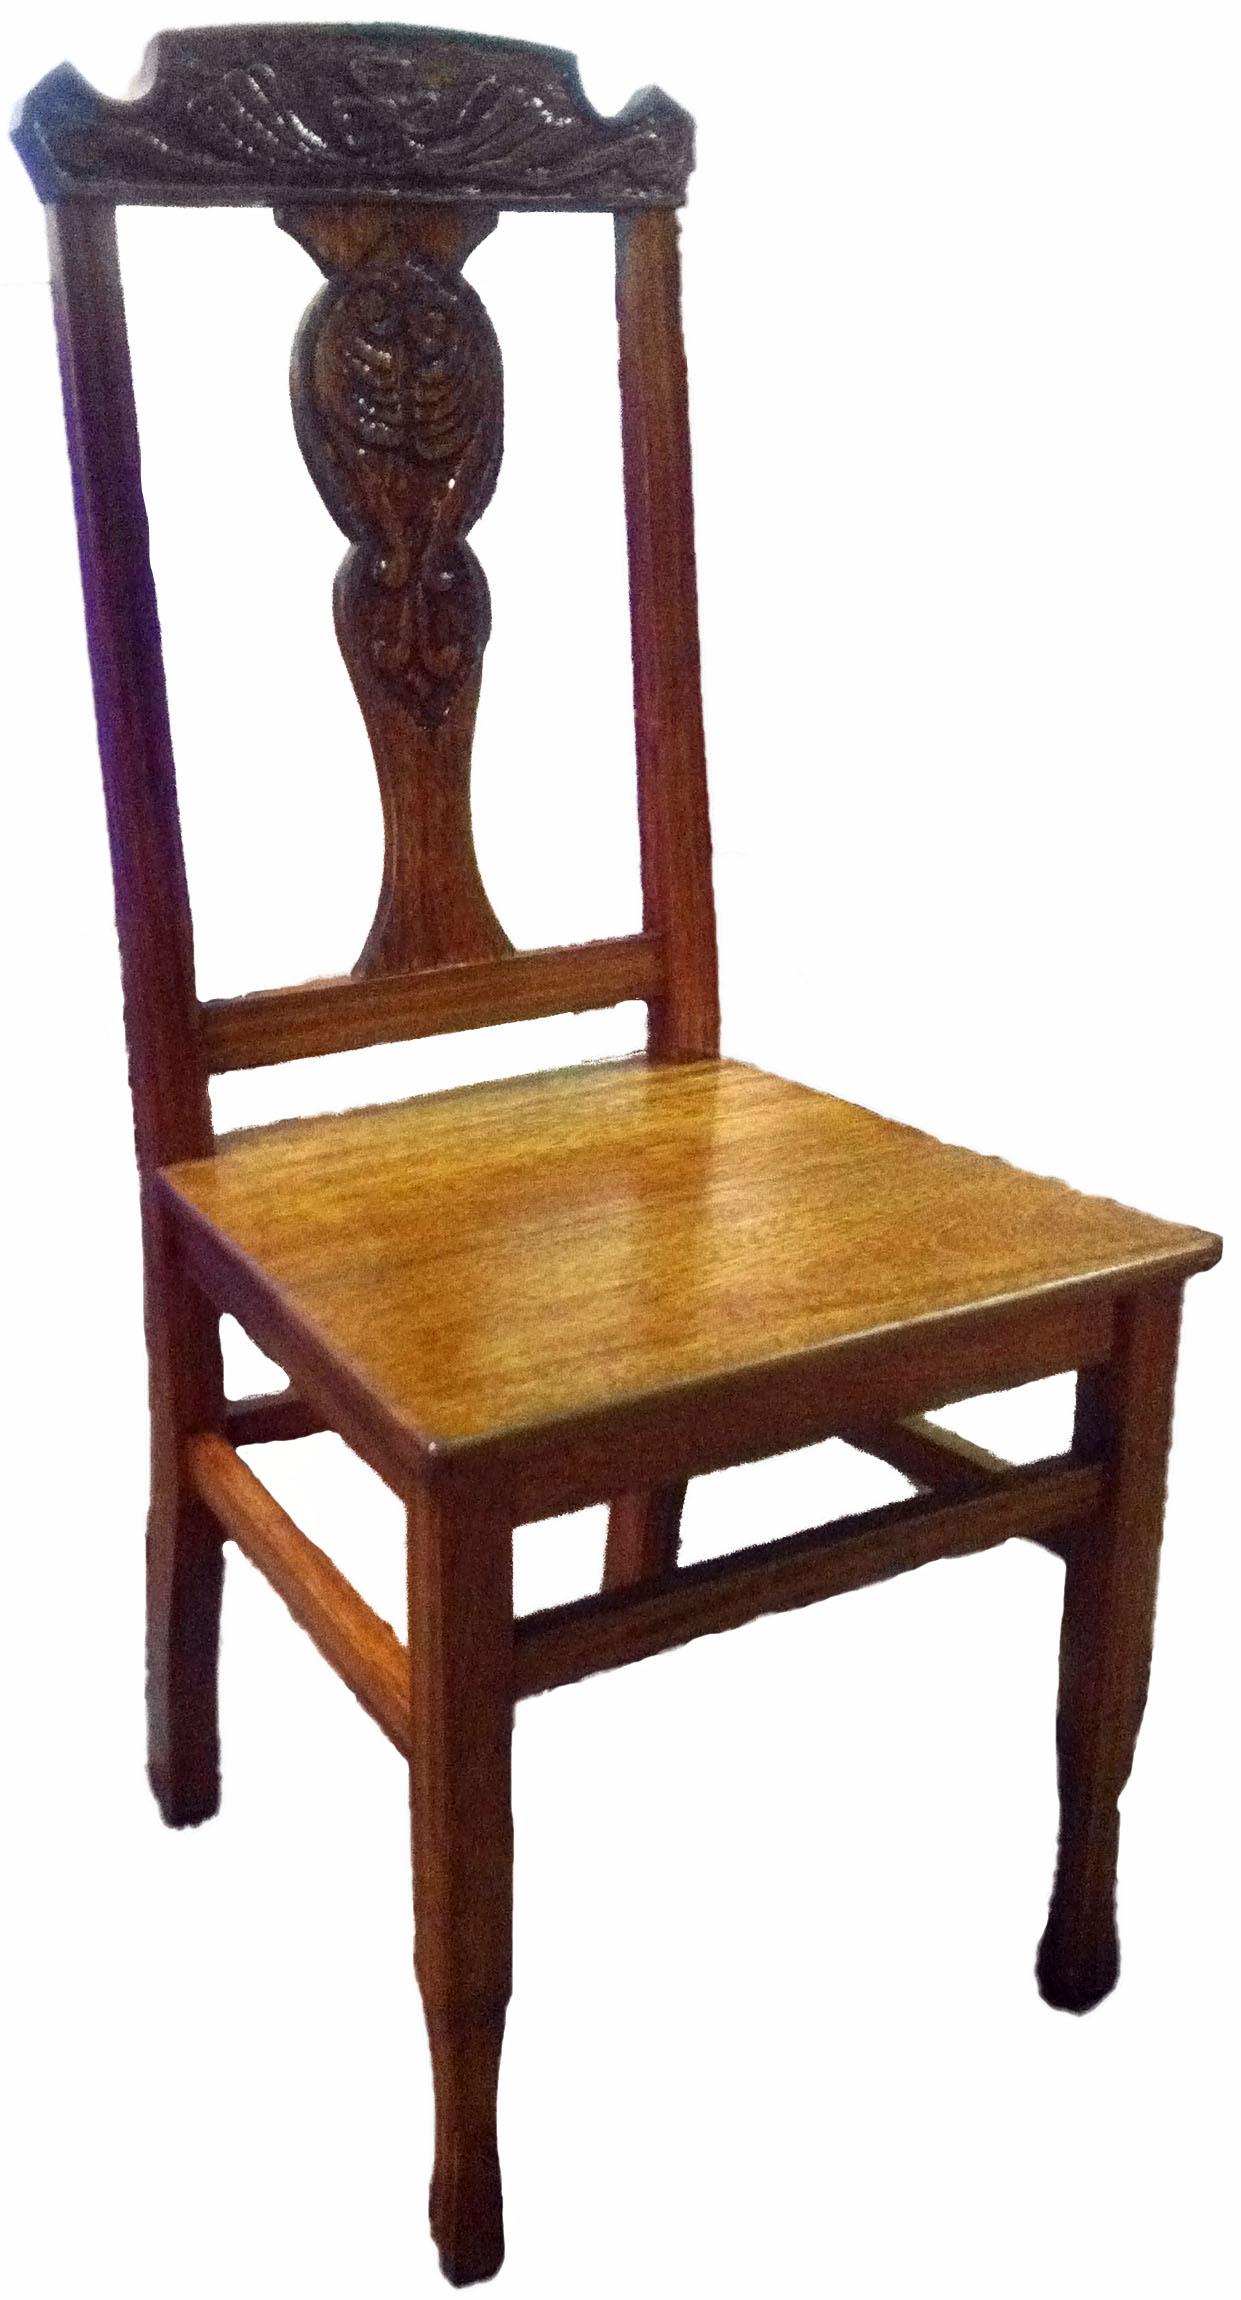 Sillas antiguas y modernas carpinteria restauracion for Modelos de zapateras de madera modernas